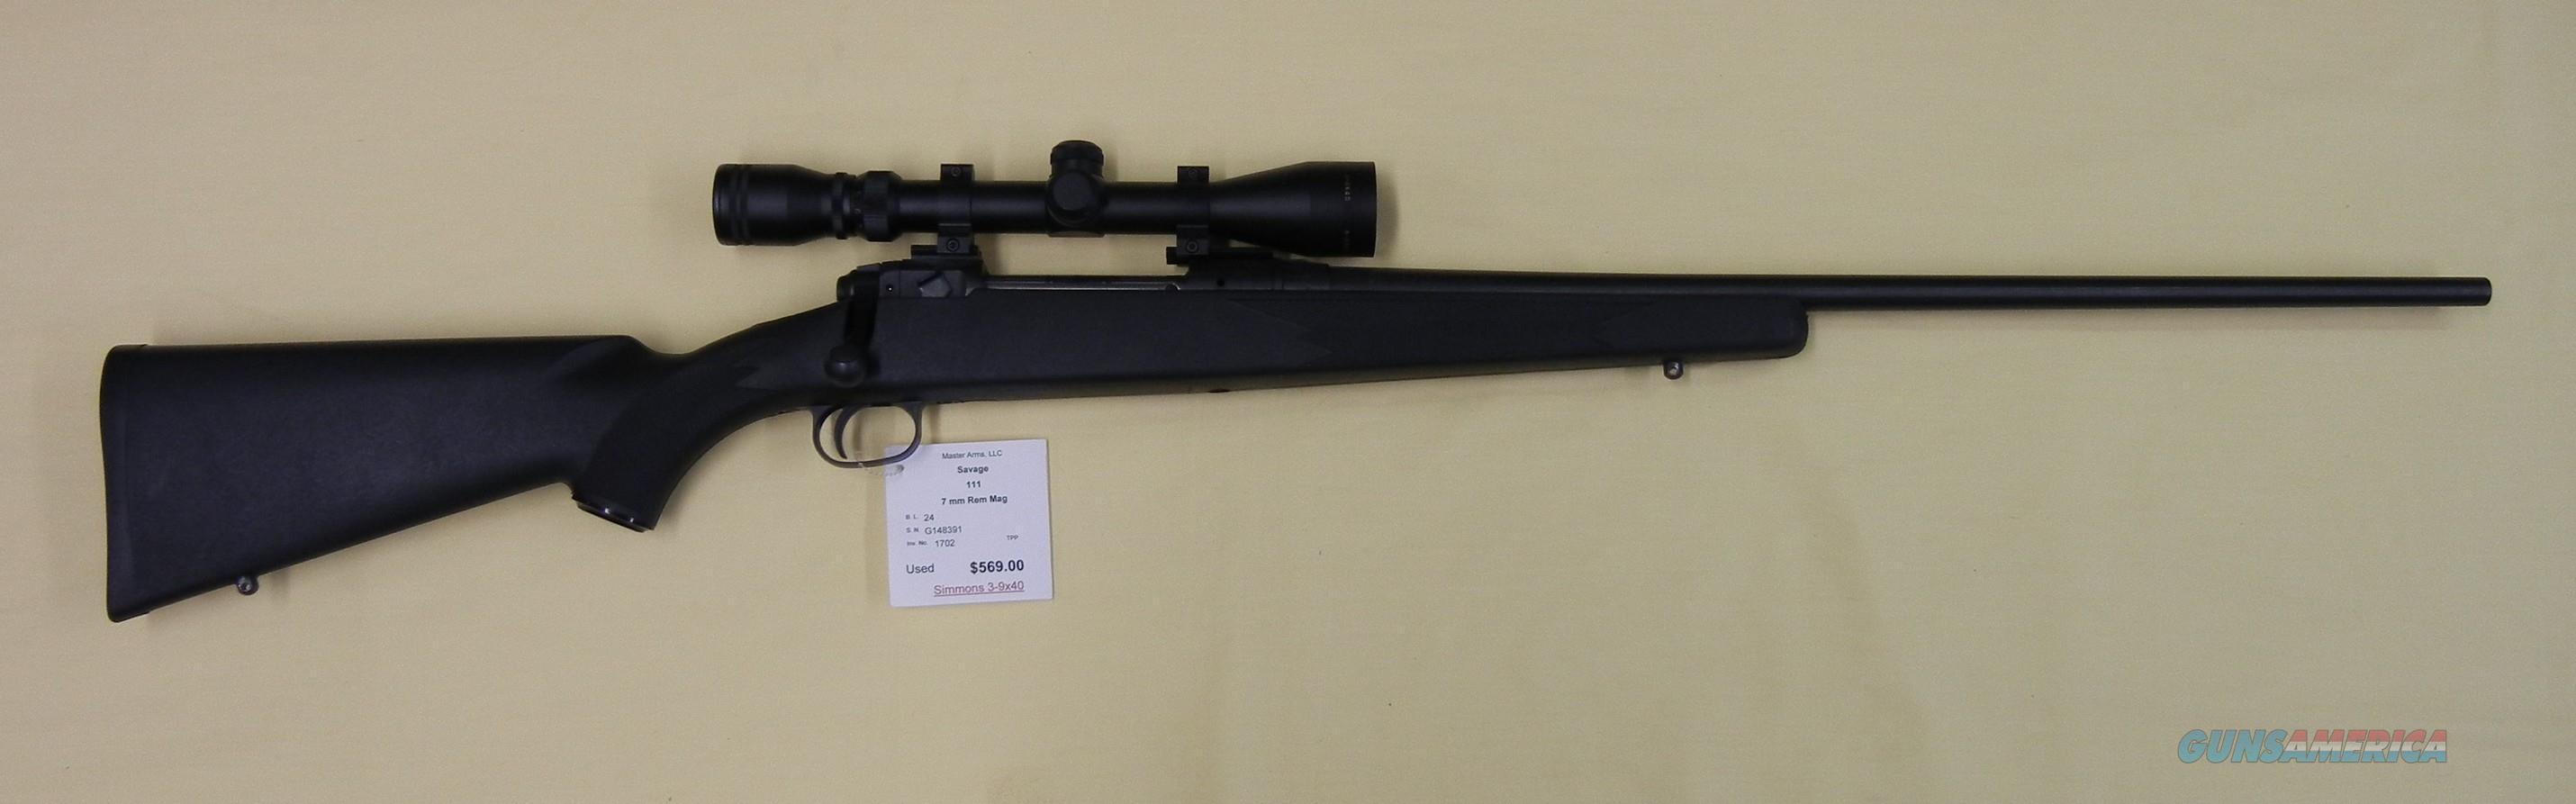 SAVAGE 111  Guns > Rifles > Savage Rifles > 11/111